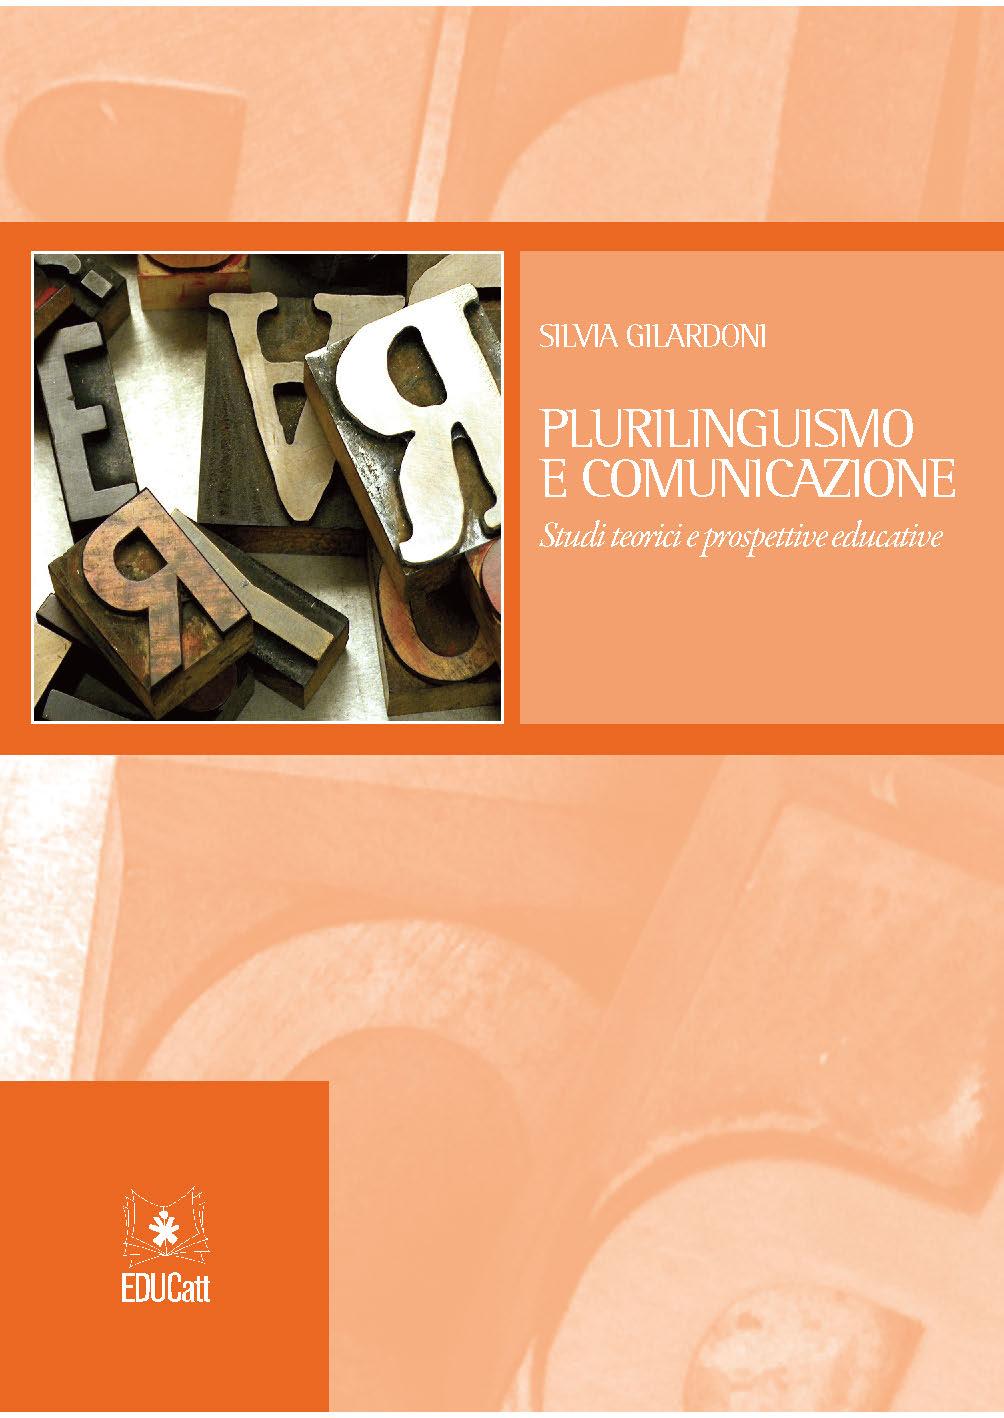 PLURILINGUISMO E COMUNICAZIONE. STUDI TEORICI E PROSPETTIVE EDUCATIVE